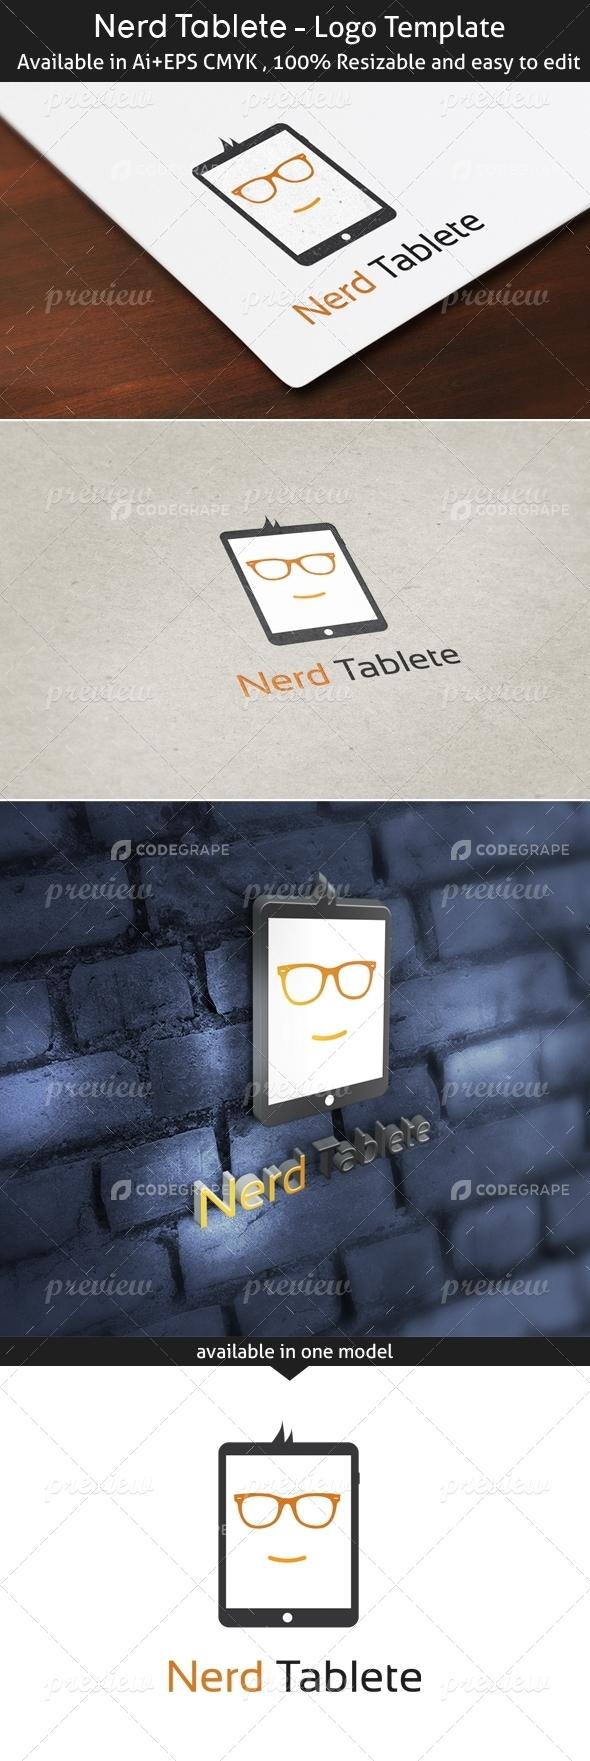 Nerd Tablete